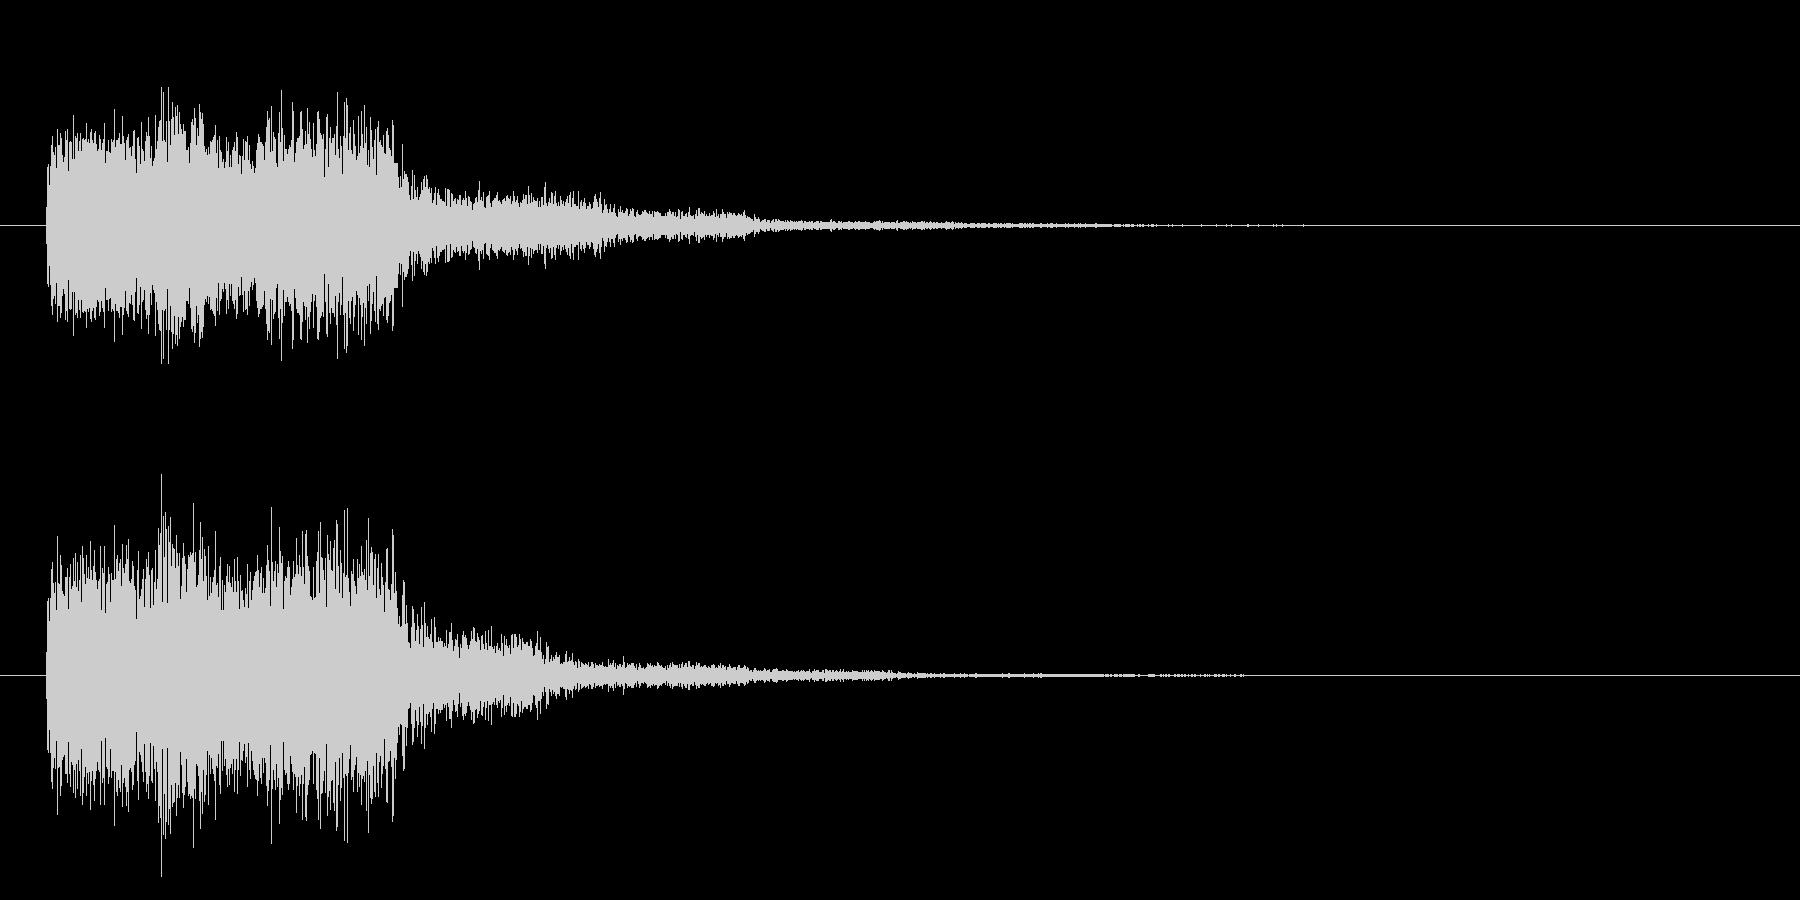 「ウゥーン」ディストーションGスライド音の未再生の波形